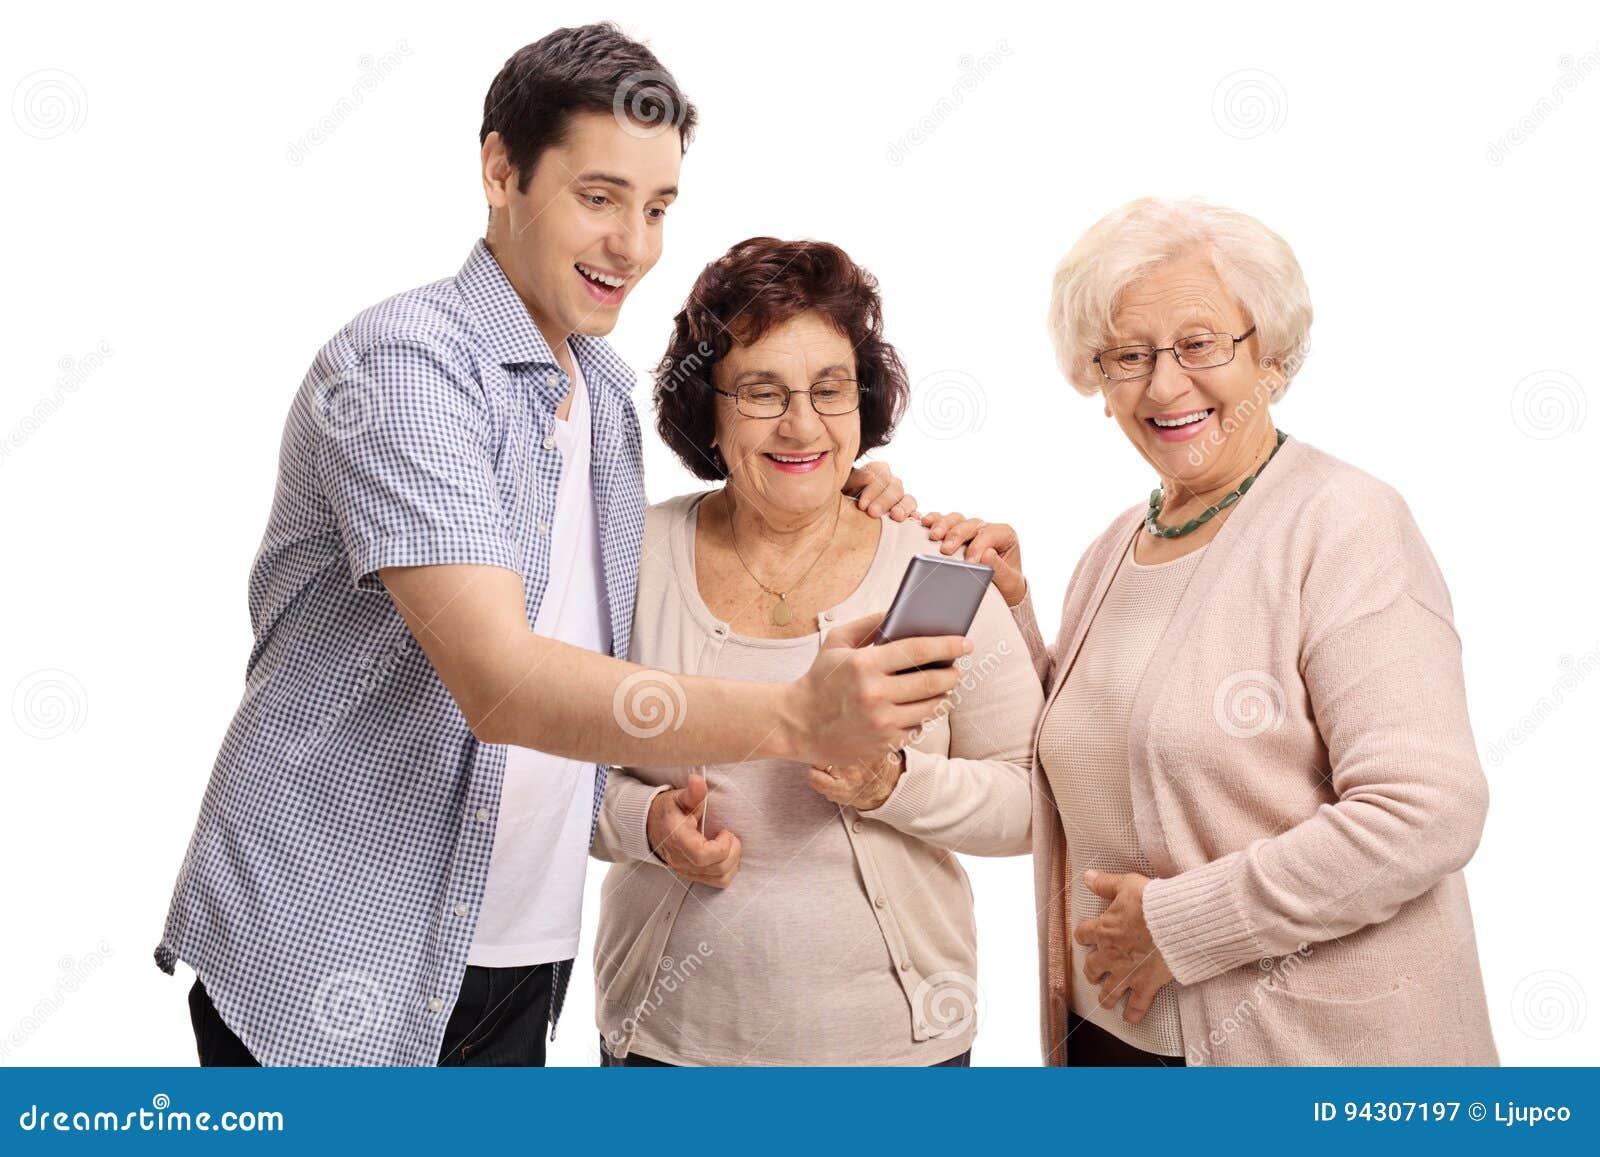 Ältere Frauen Jüngere Männer